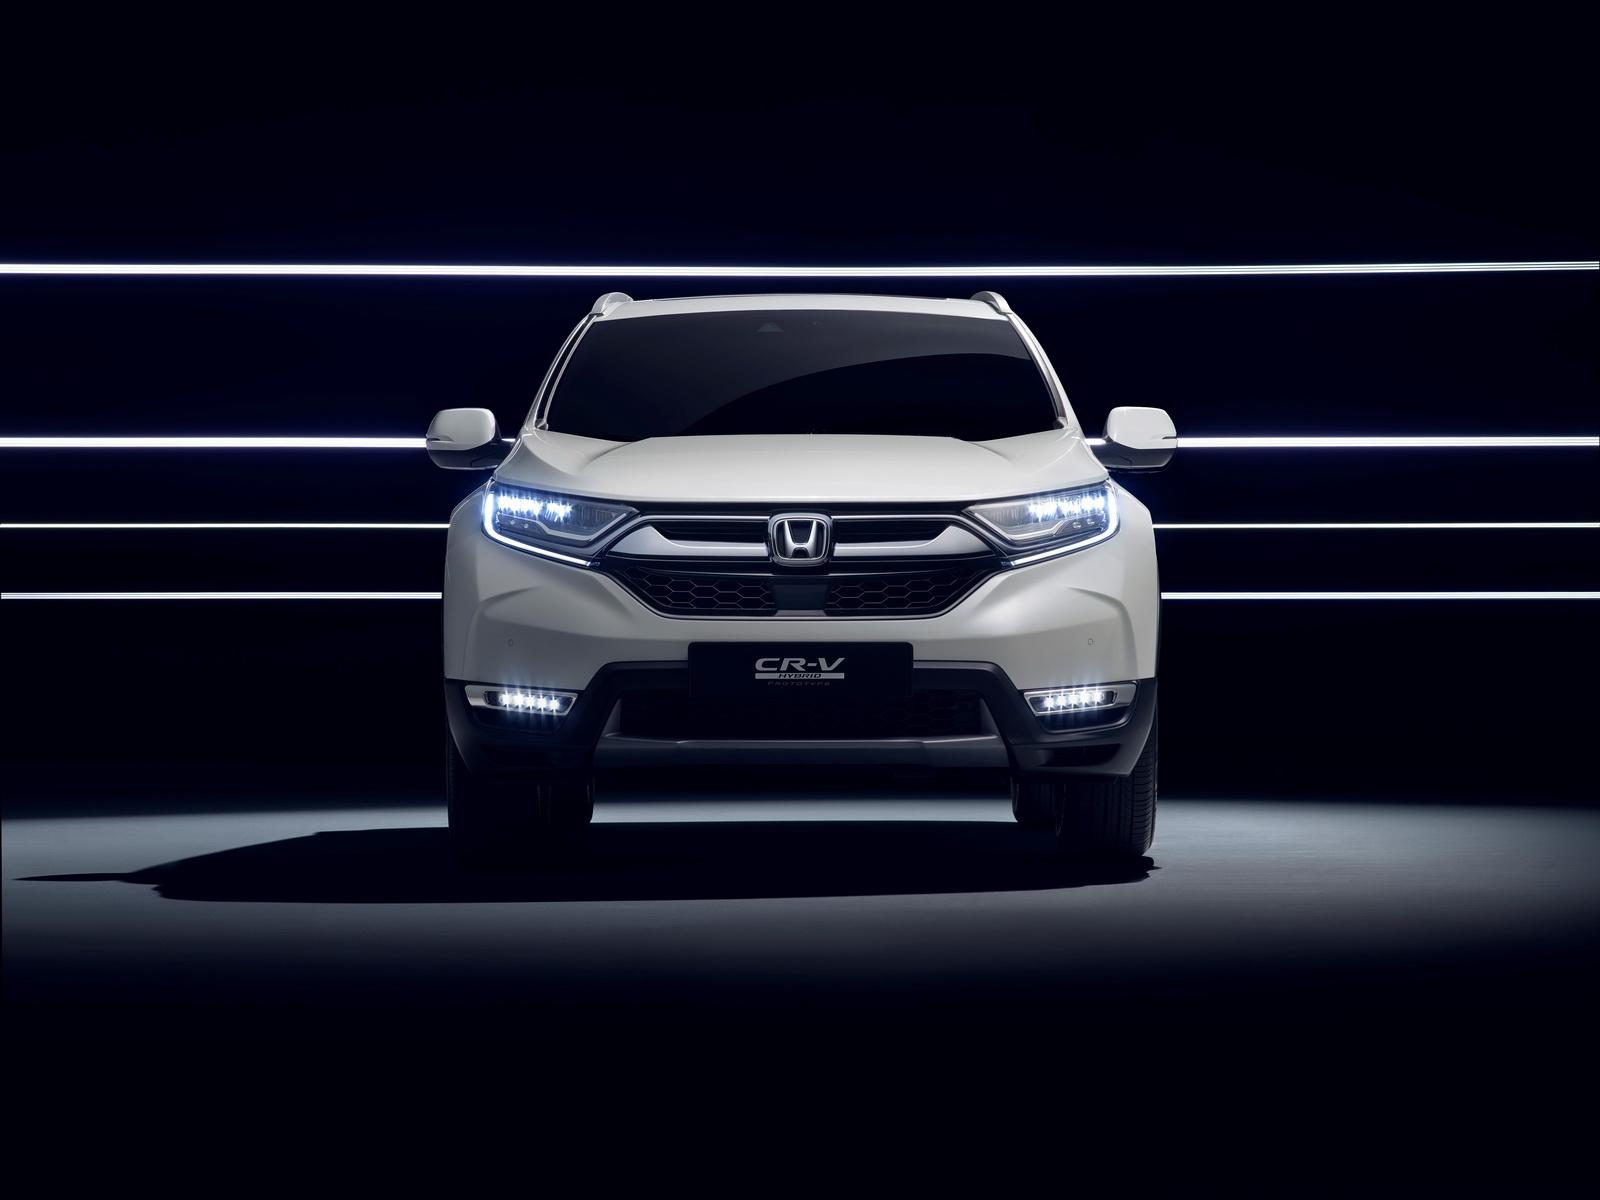 2018-honda-cr-v-hybrid-prototype-2.jpg